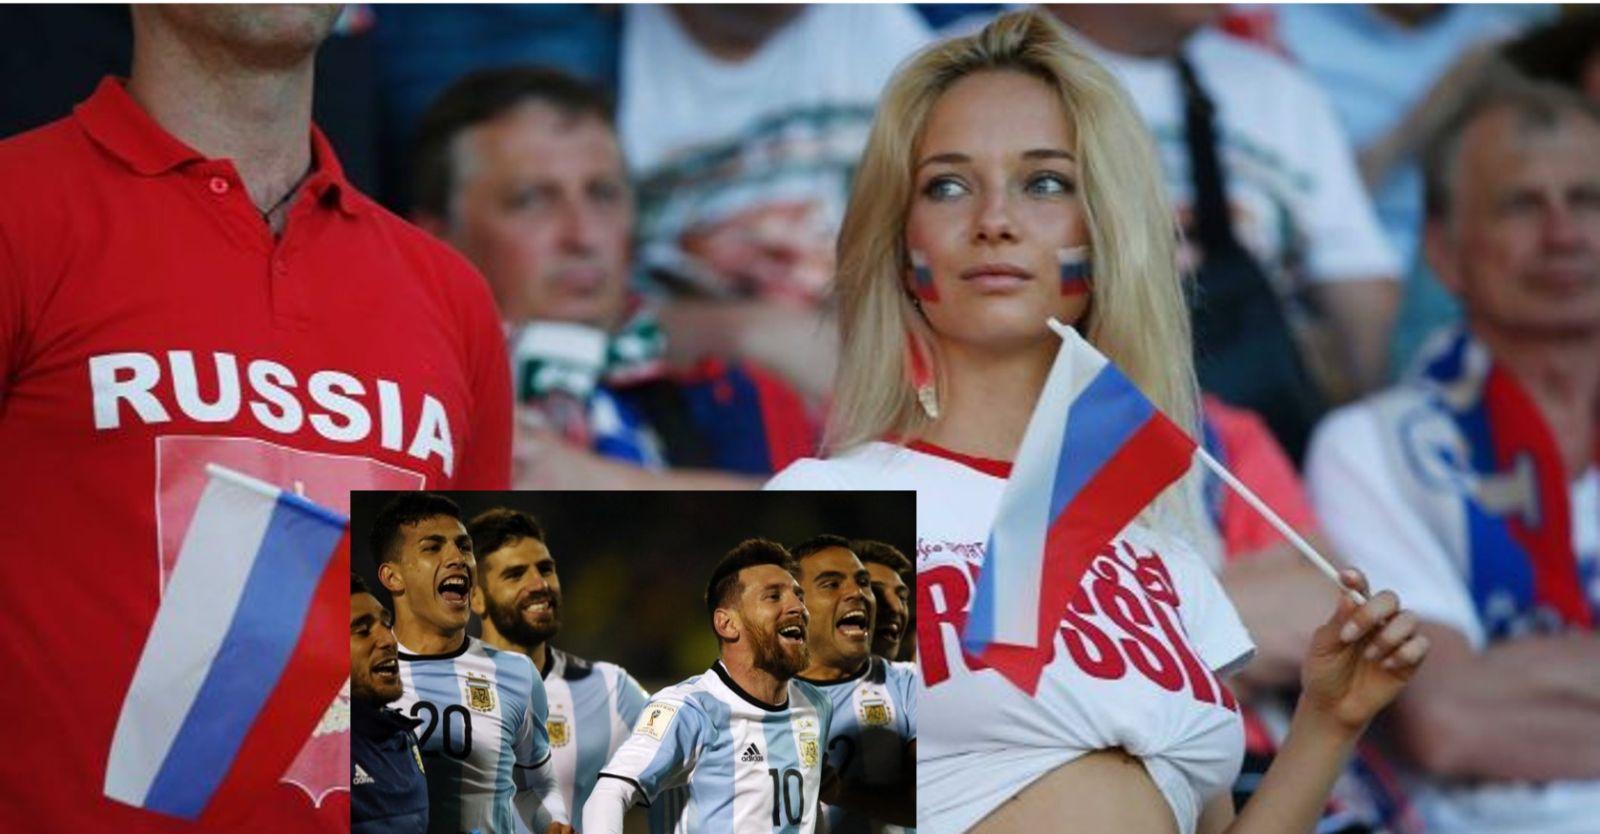 CĐV ngỡ ngàng vì LĐBĐ Argentina in 'cẩm nang... tán gái Nga' cho Messi và đồng đội